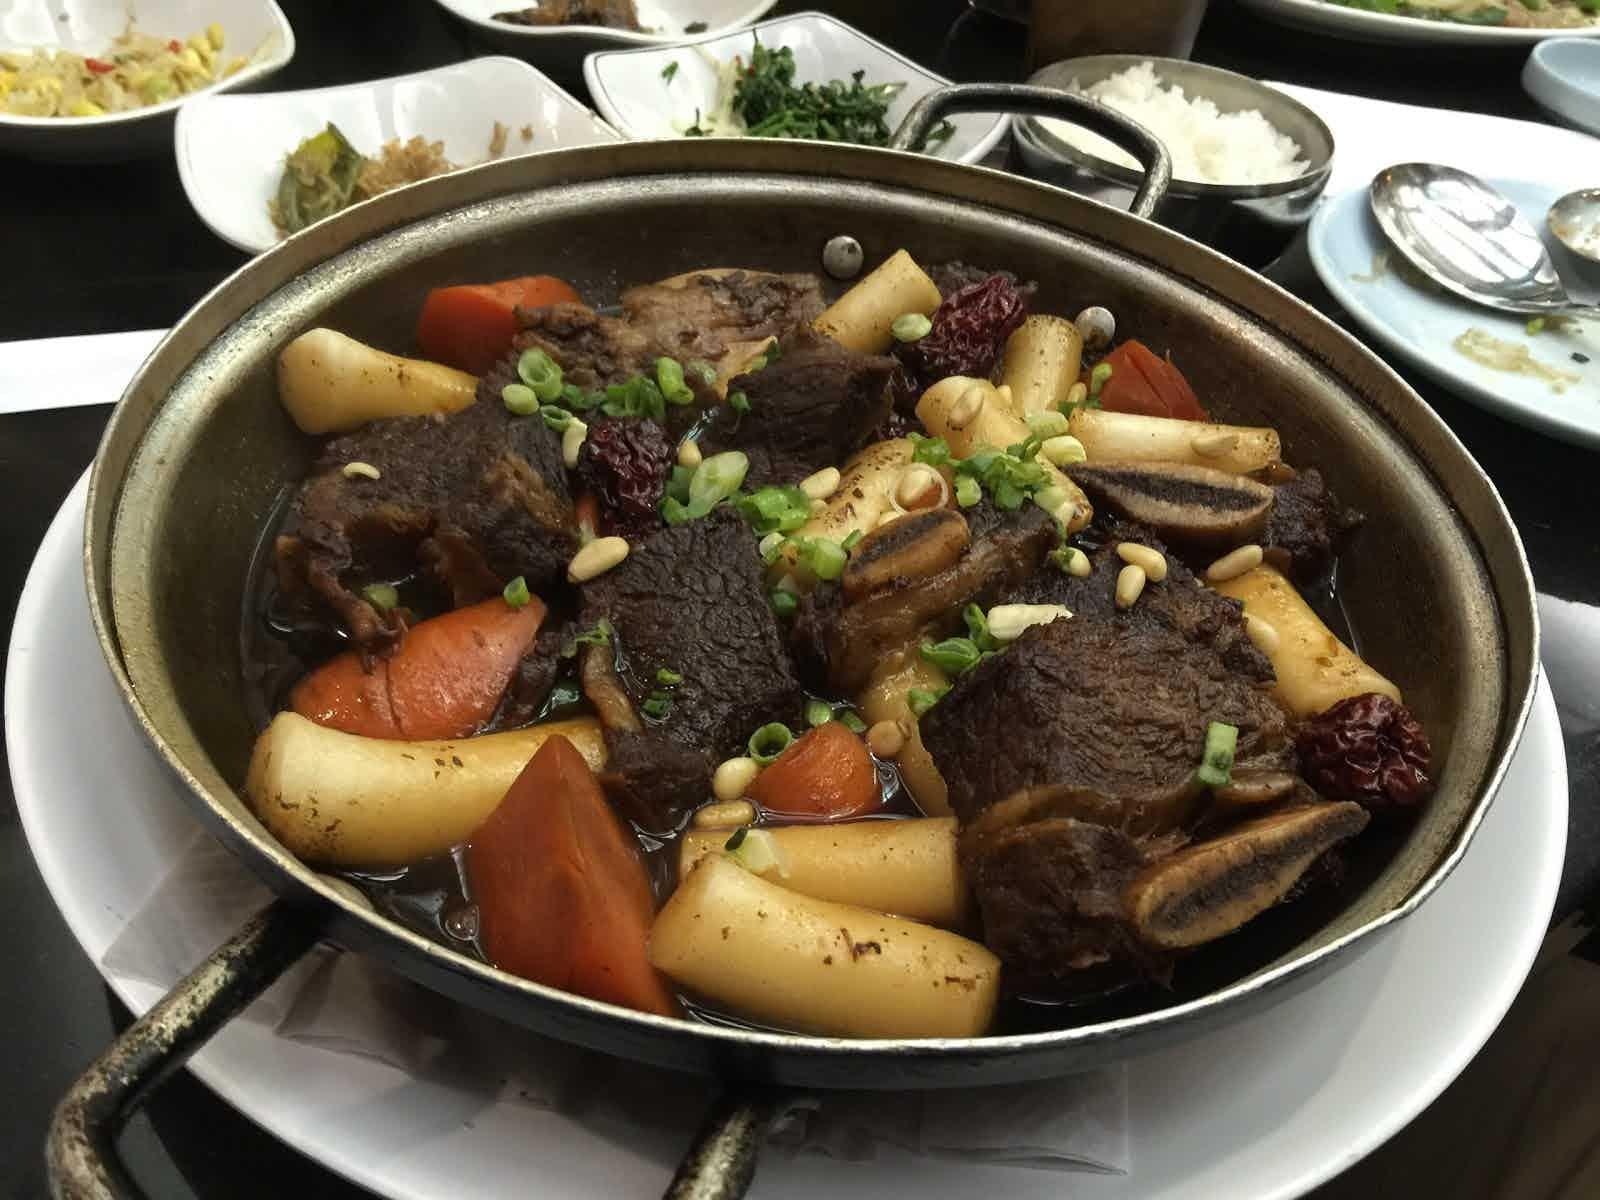 Seoul Garden - New York | Restaurant Review - Zagat